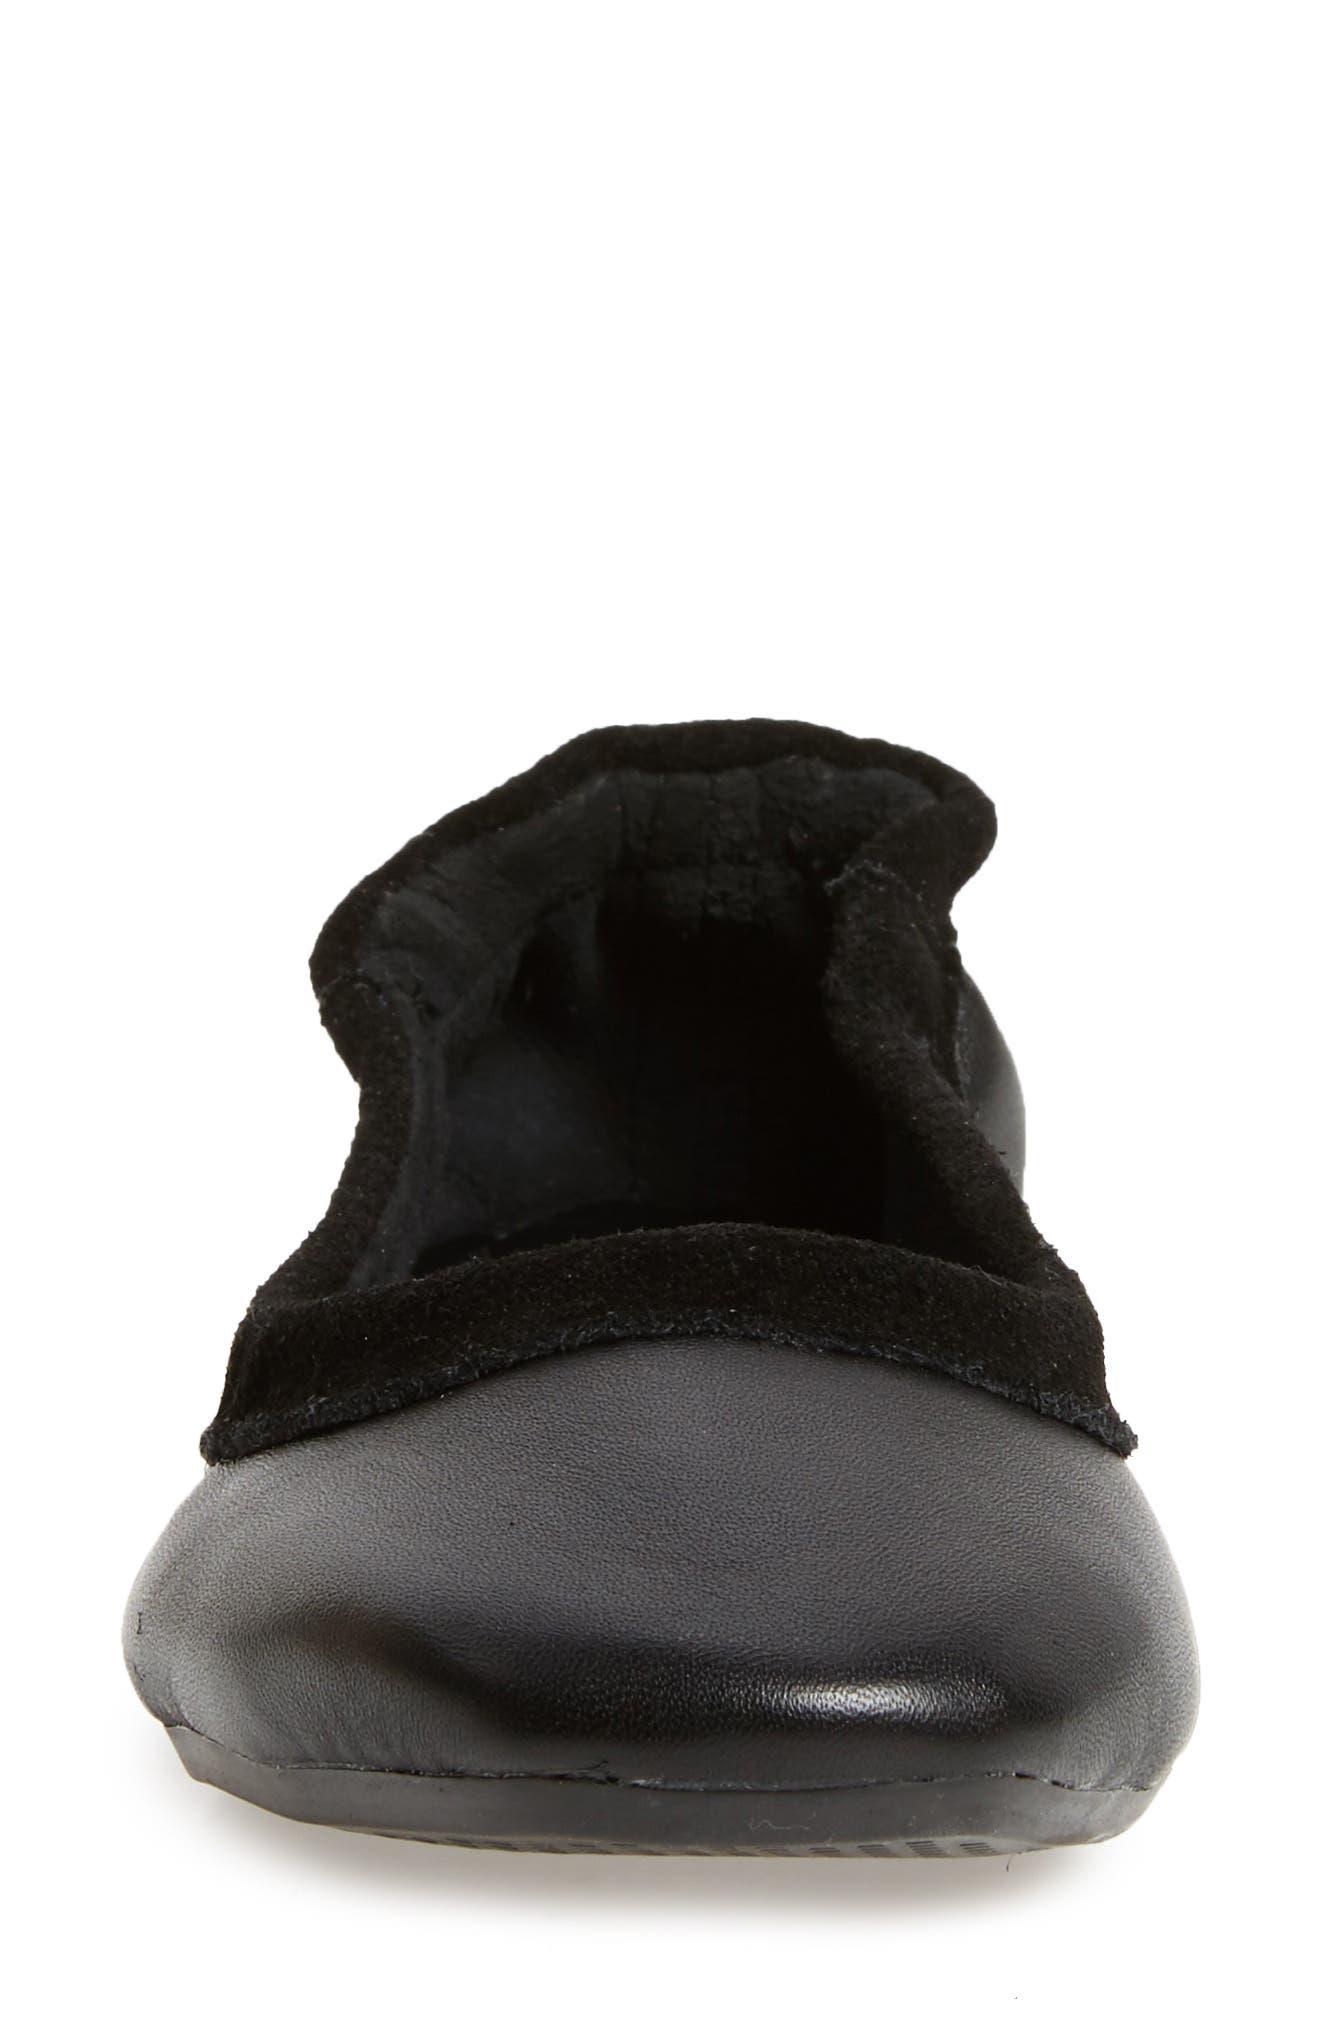 M4D3 Cozy Ballet Flat,                             Alternate thumbnail 4, color,                             Black Leather